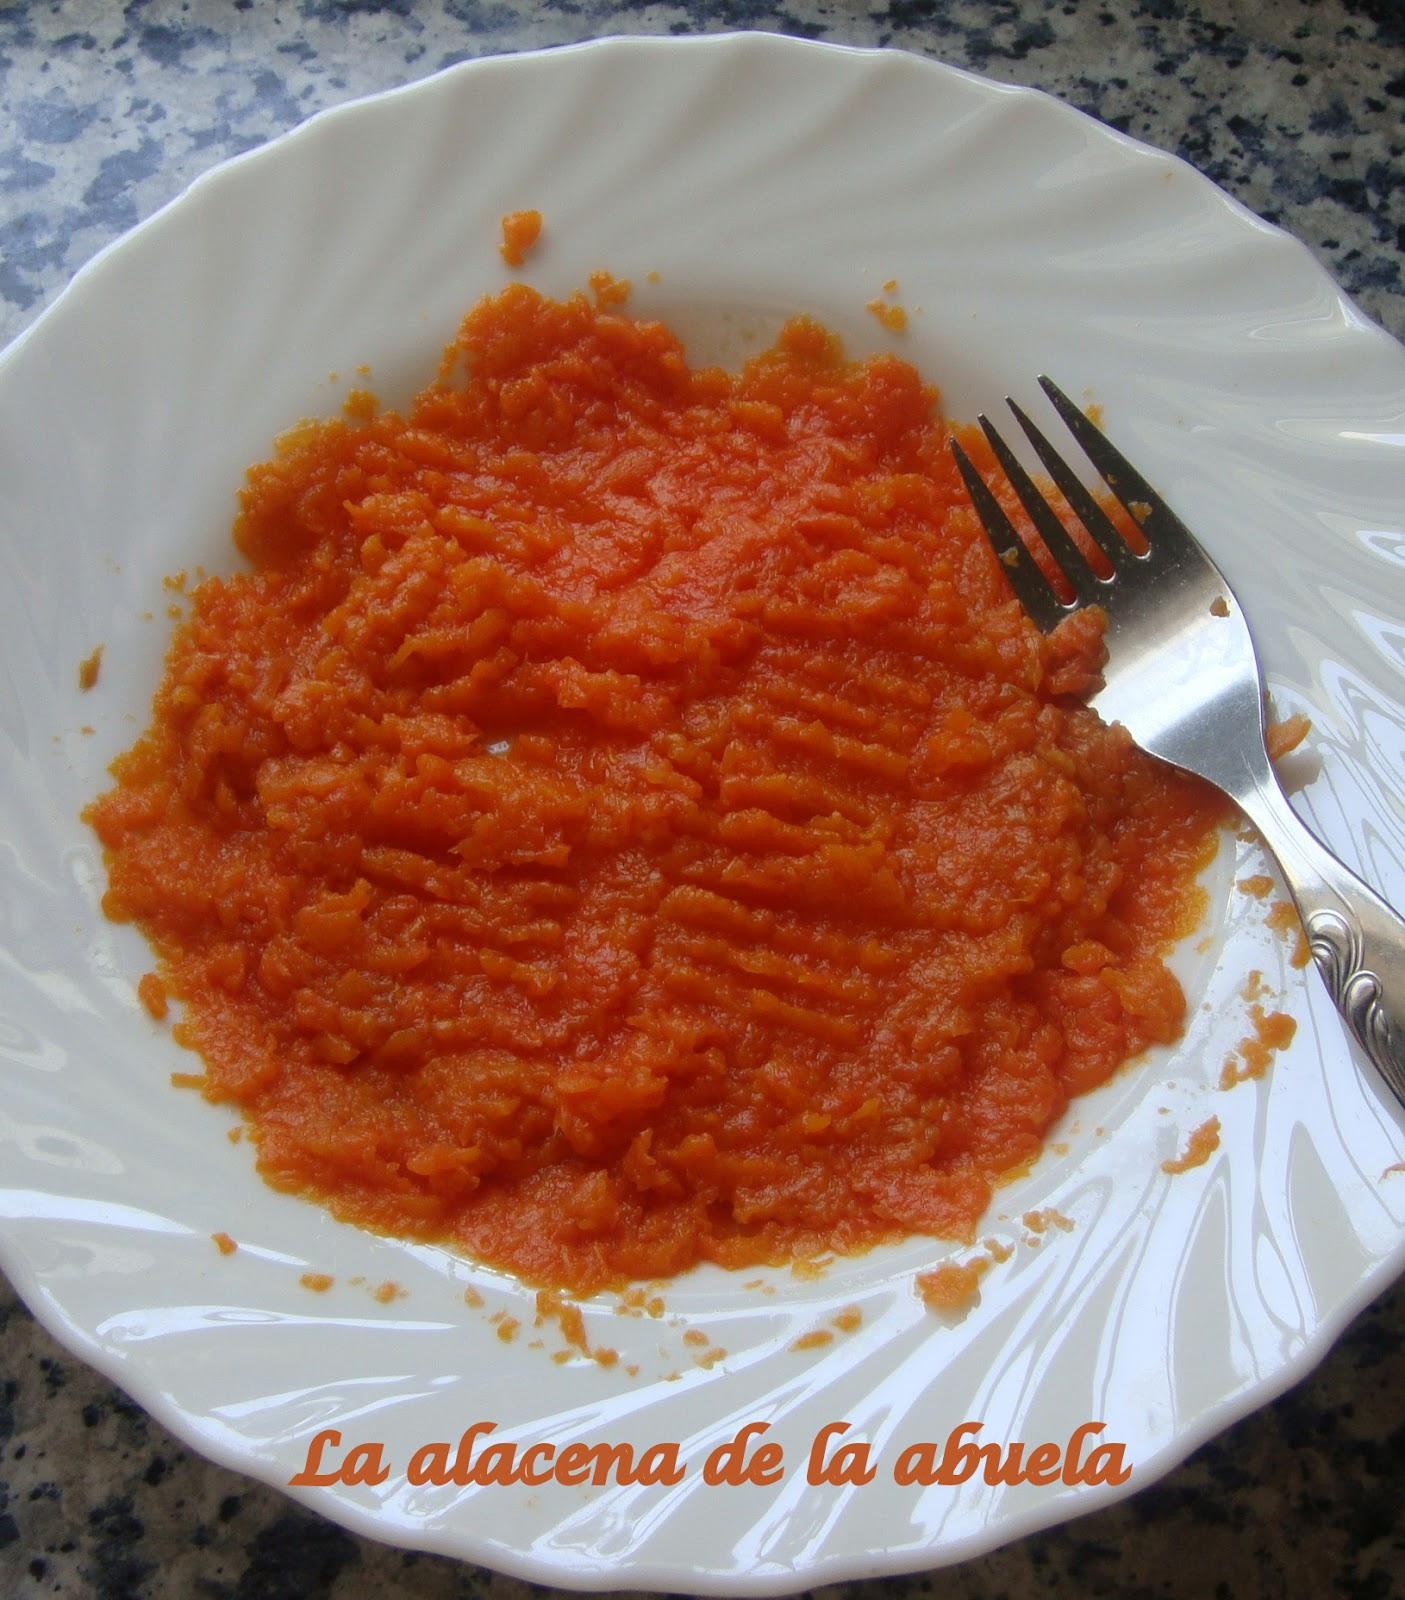 La alacena de la abuela carmen cocos de zanahoria for Cocina casera de la abuela